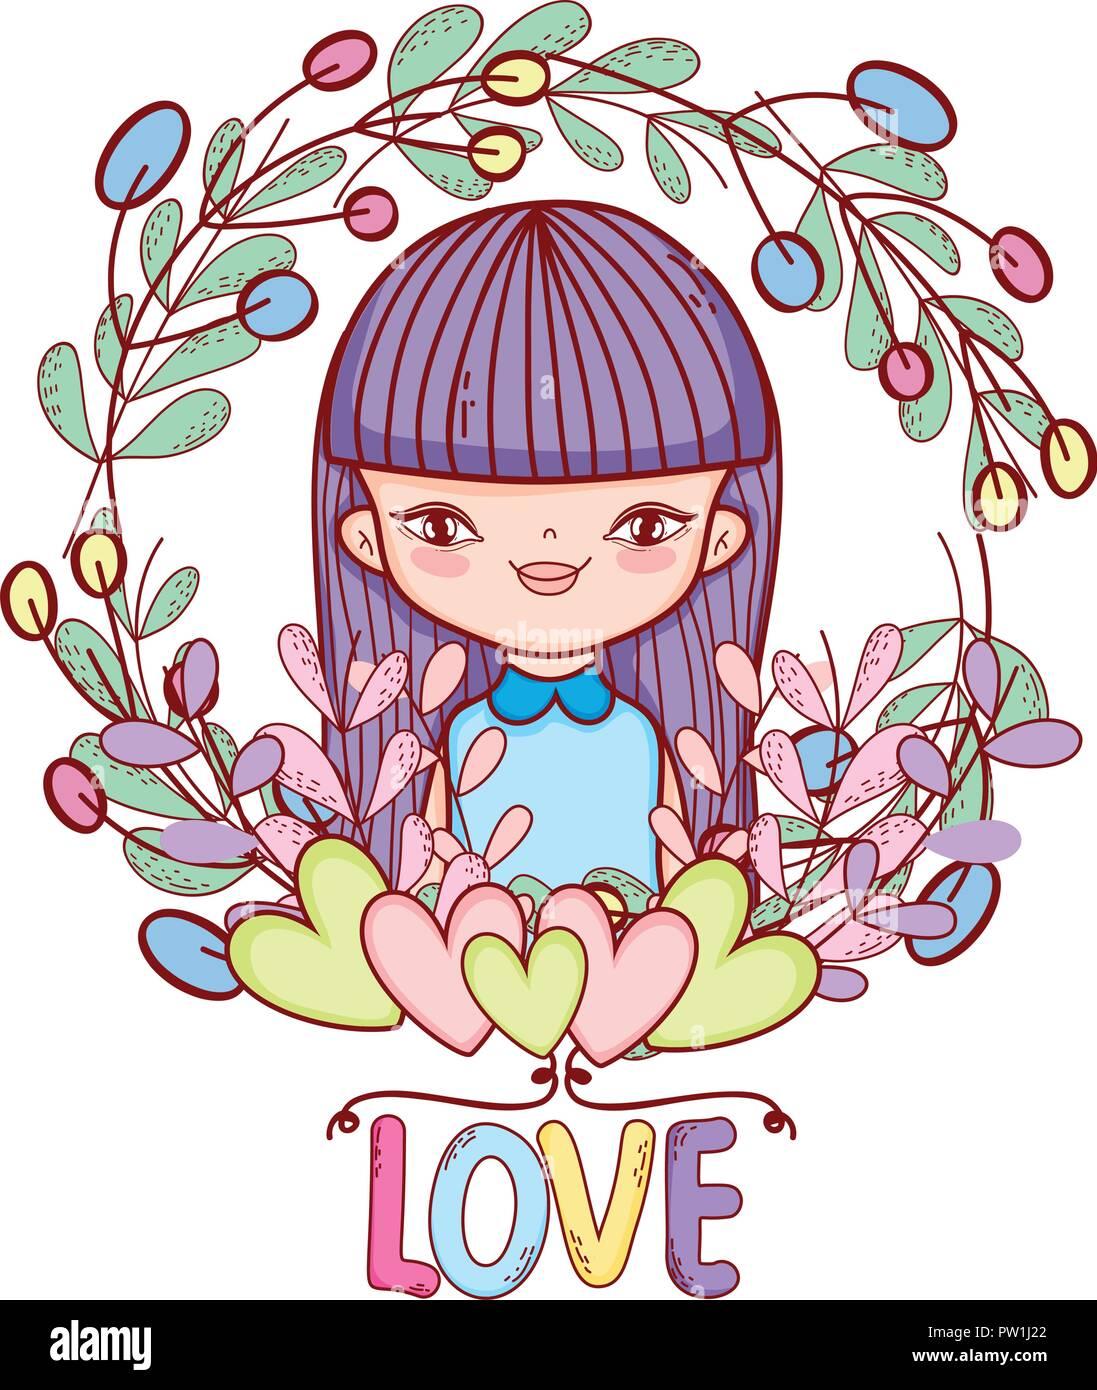 Bambina Simpatici Disegni Illustrazione Vettoriale 221926938 Alamy